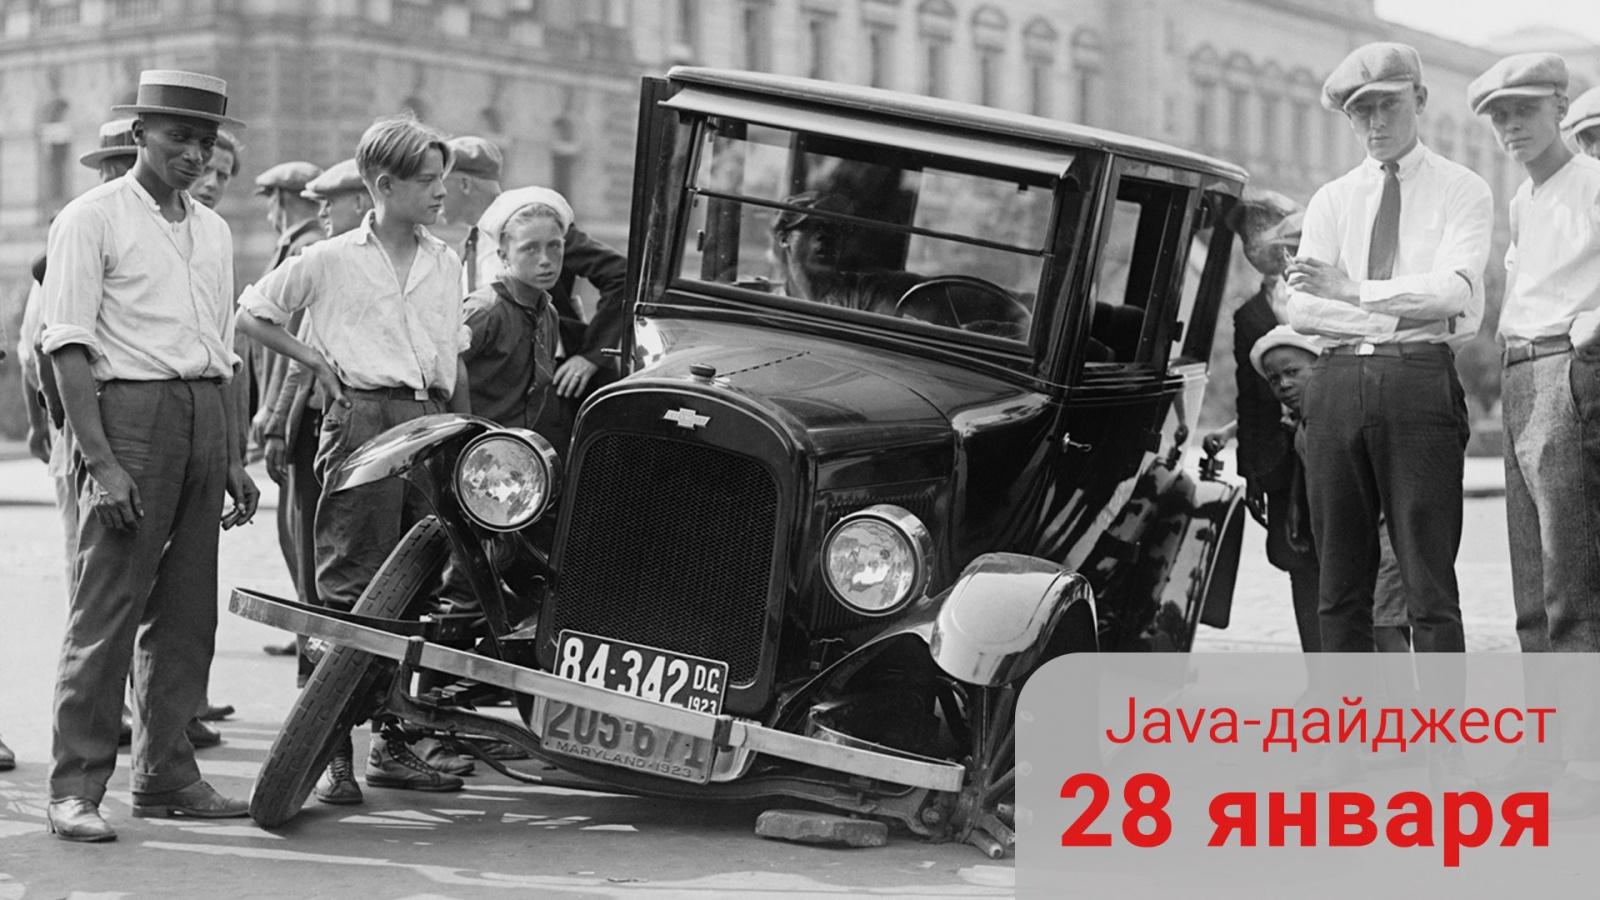 Java-дайджест за 28 января - 1